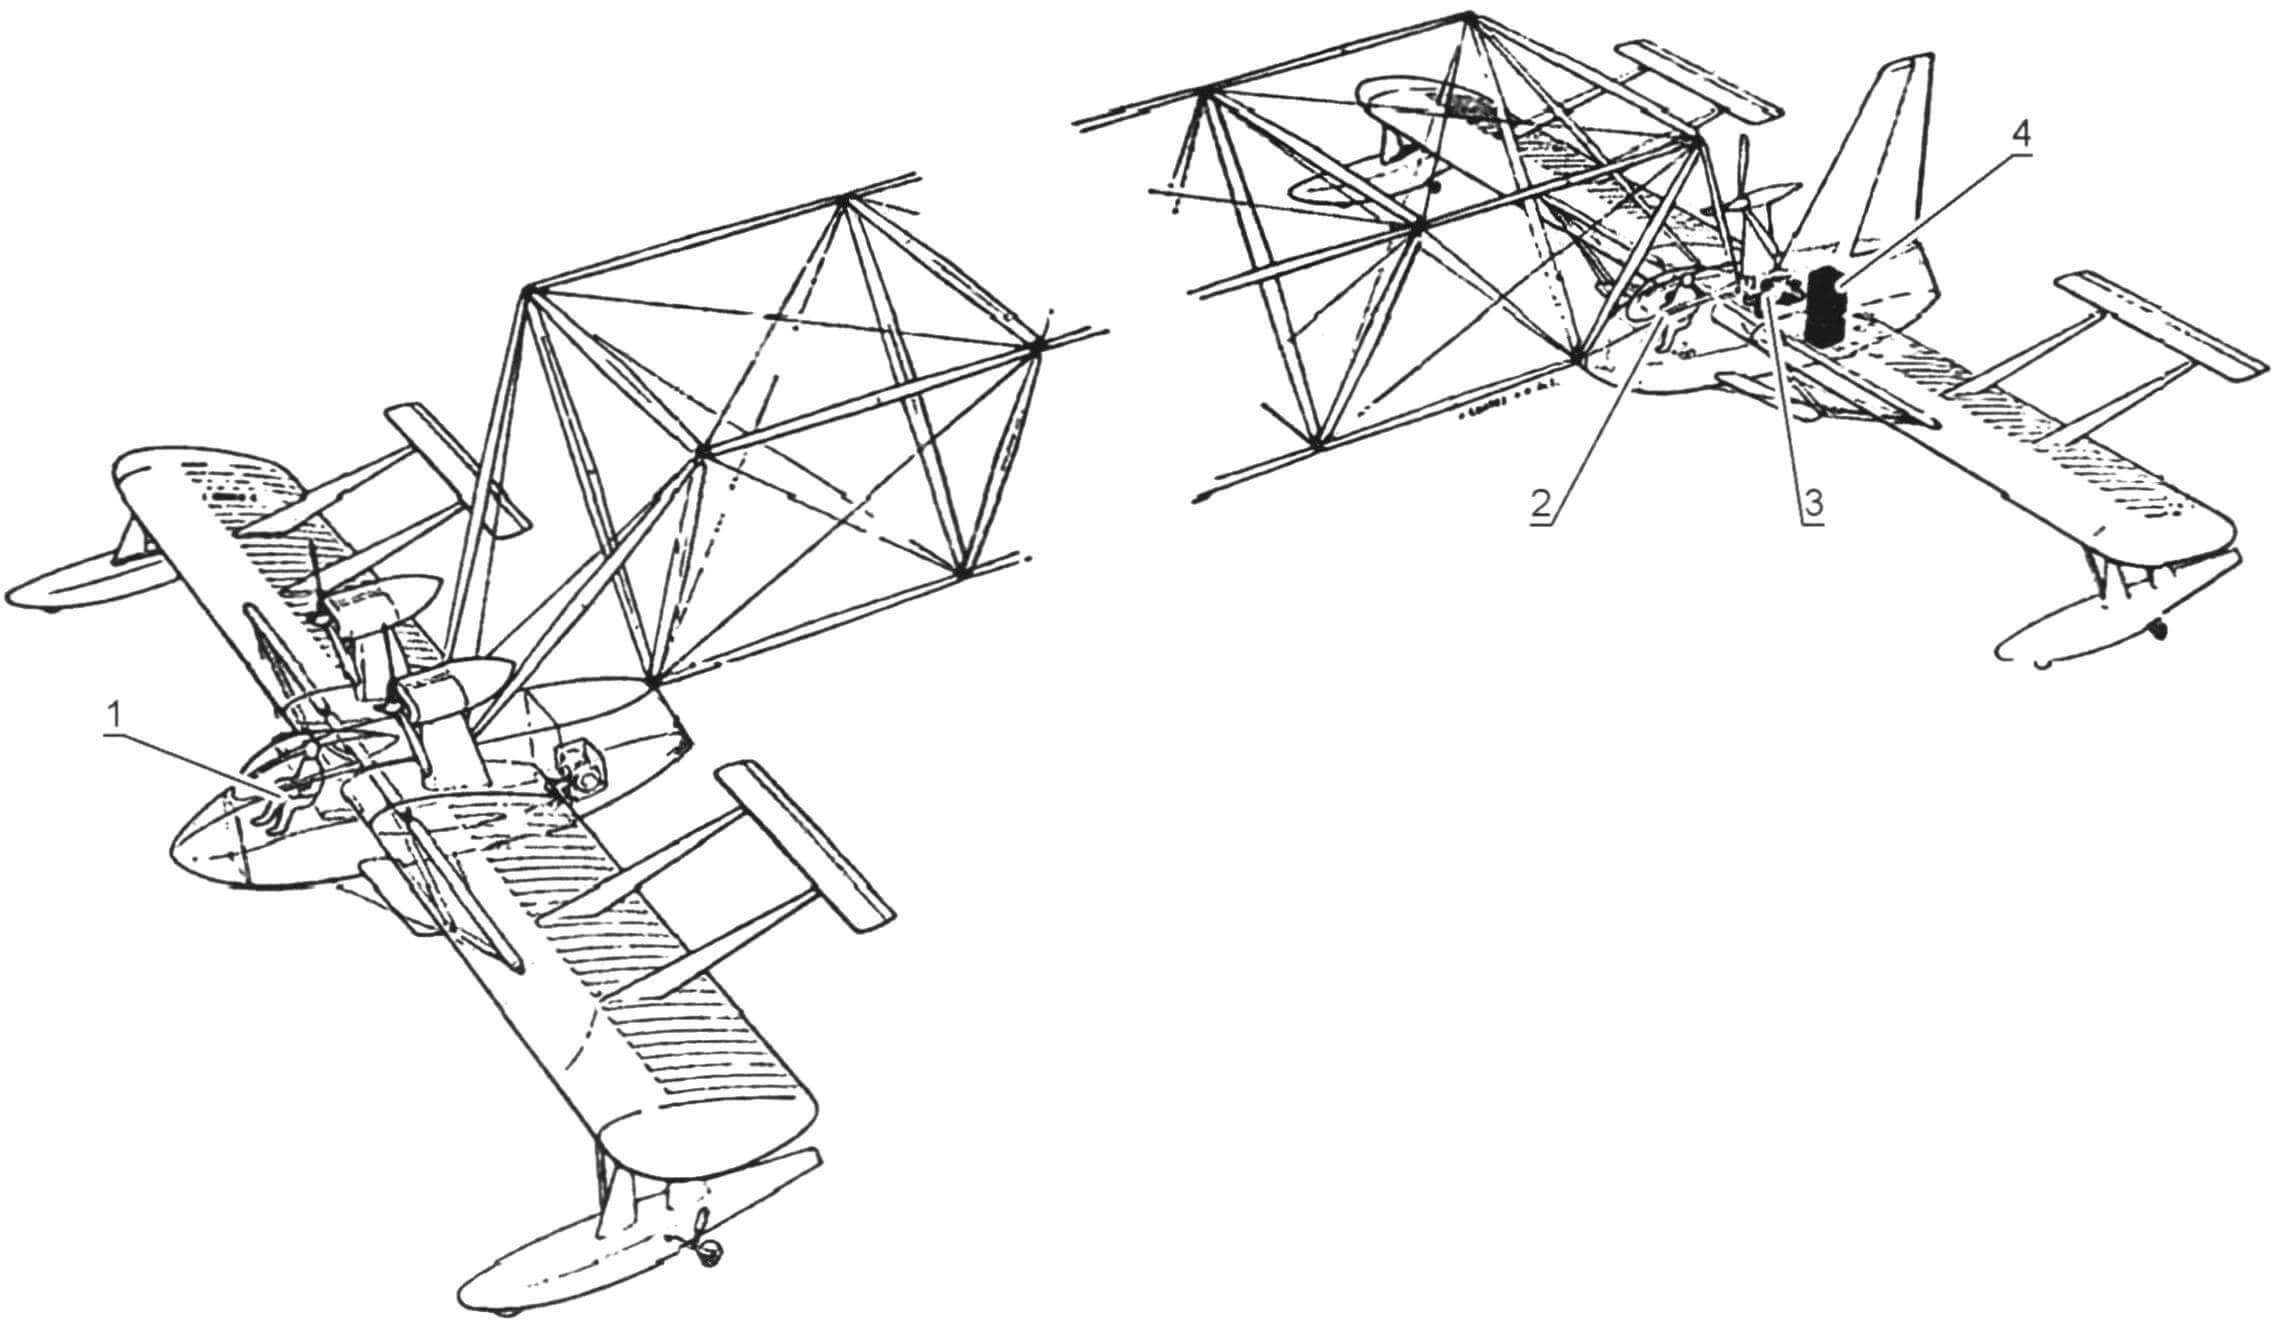 Принципиальная схема размещения экипажа и оборудования